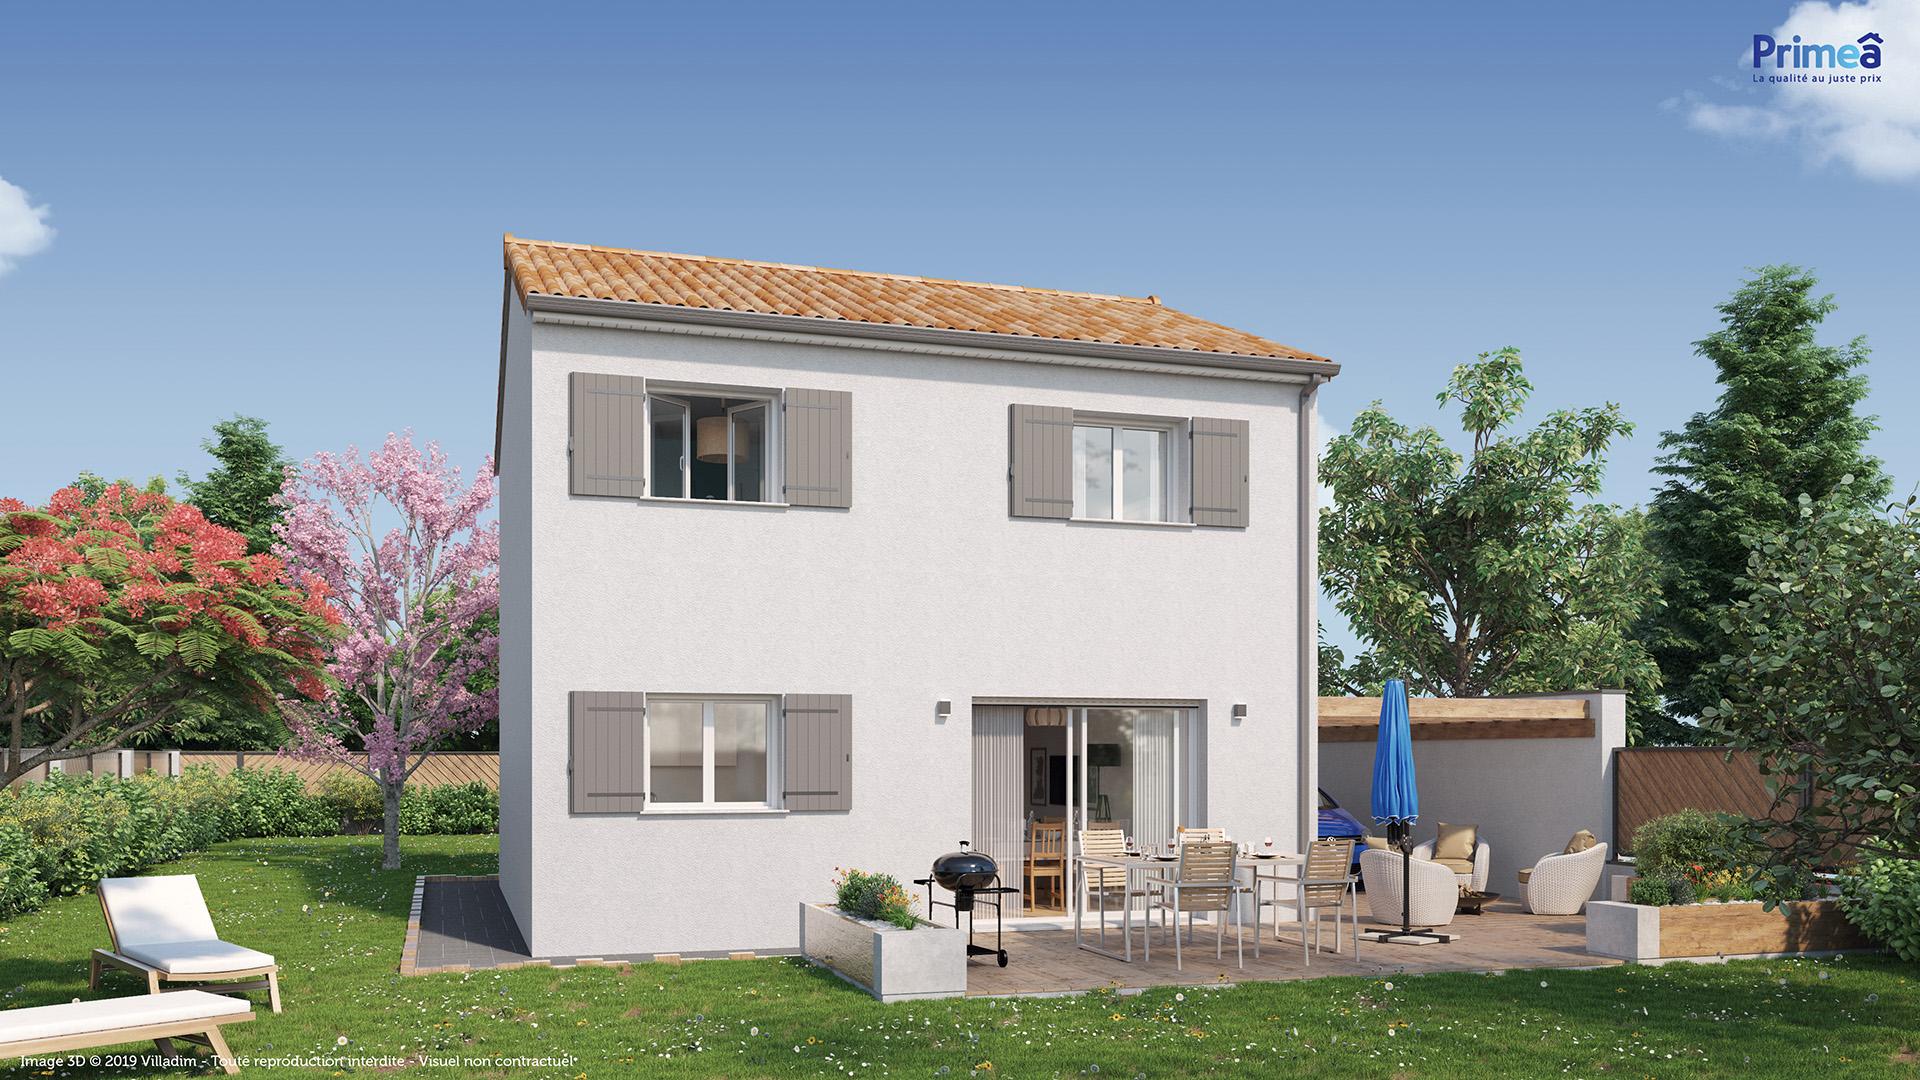 Maison à vendre à Monségur